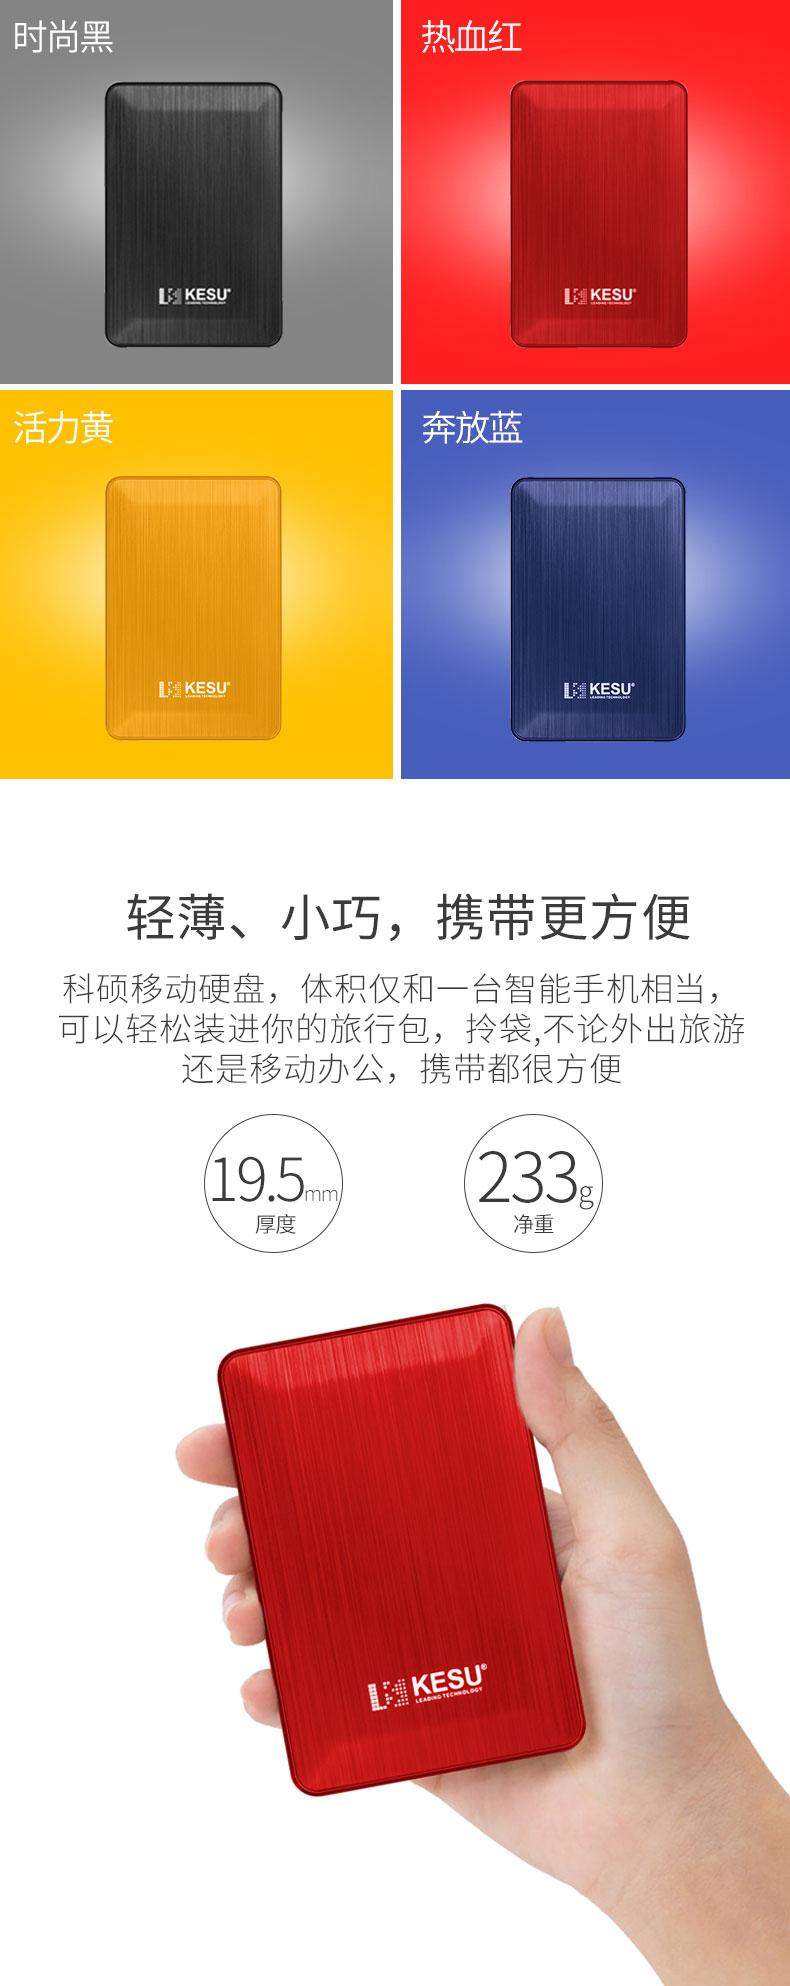 Giấy vệ sinh trên đĩa cứng điện thoại Keshuo 4T 3